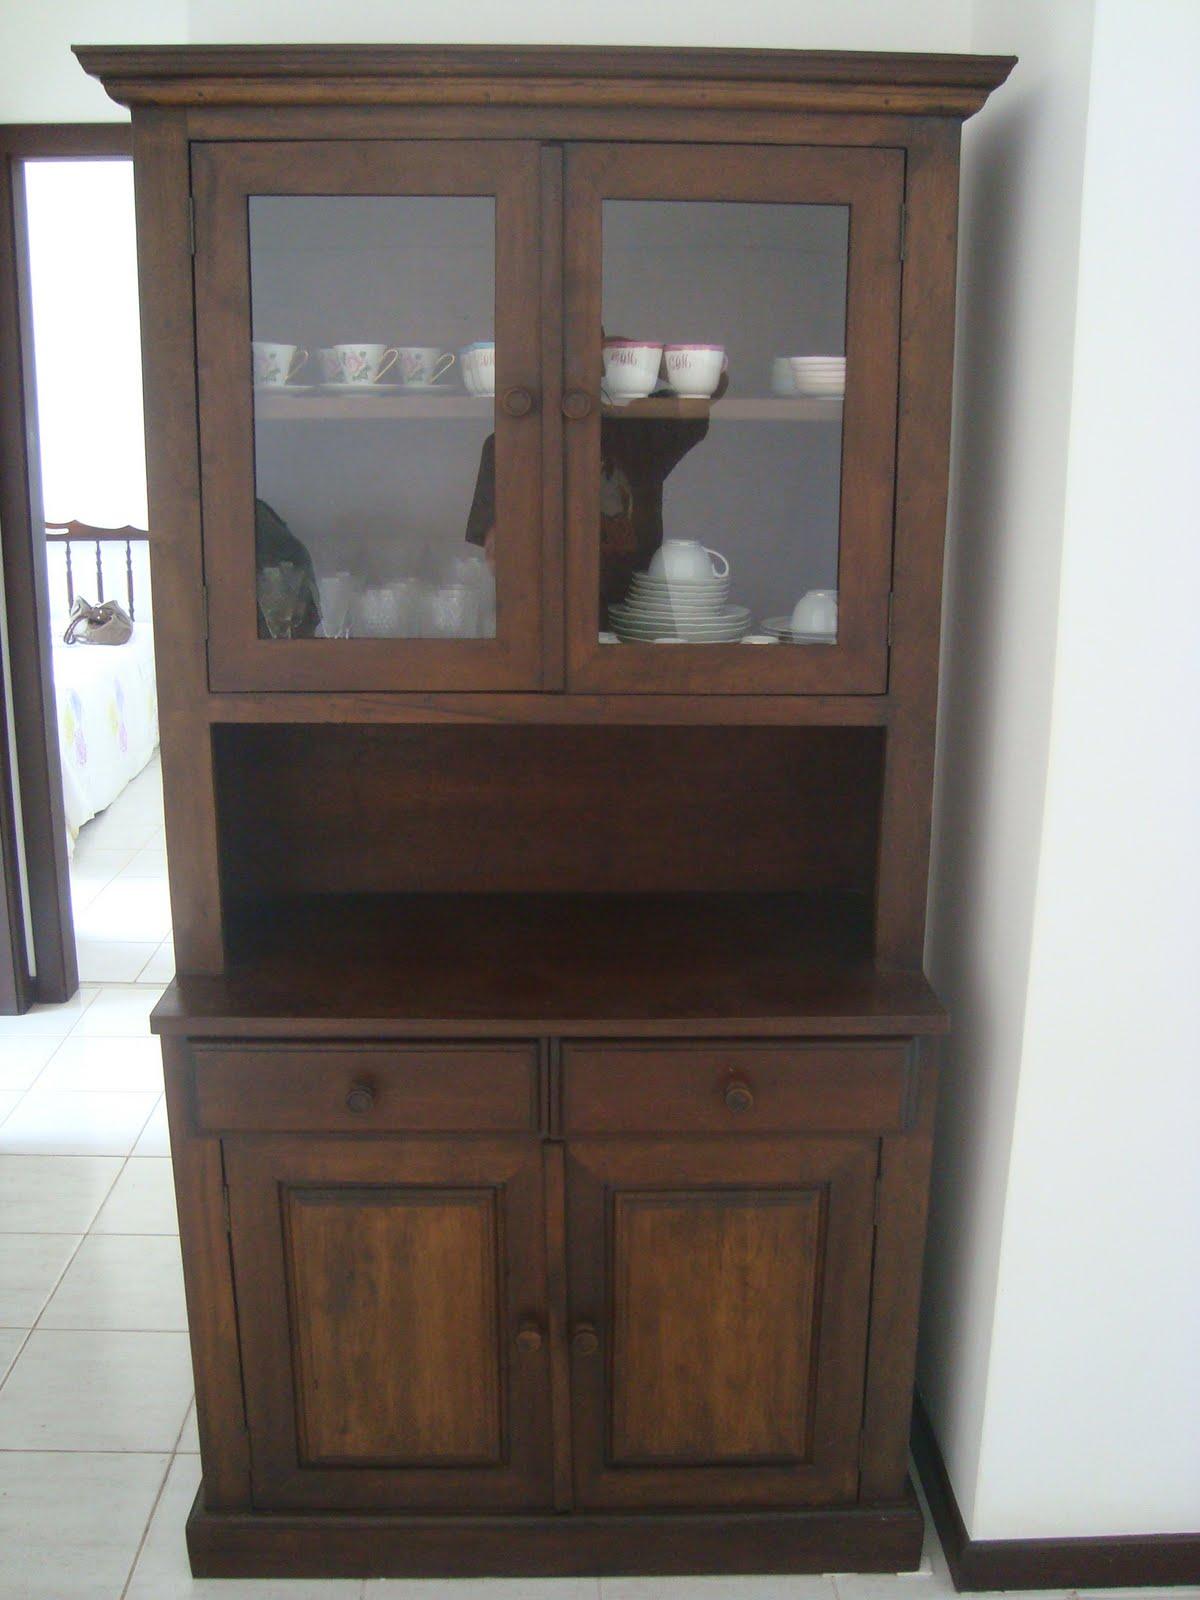 Venda: Cristaleira em madeira maciça #60493C 1200x1600